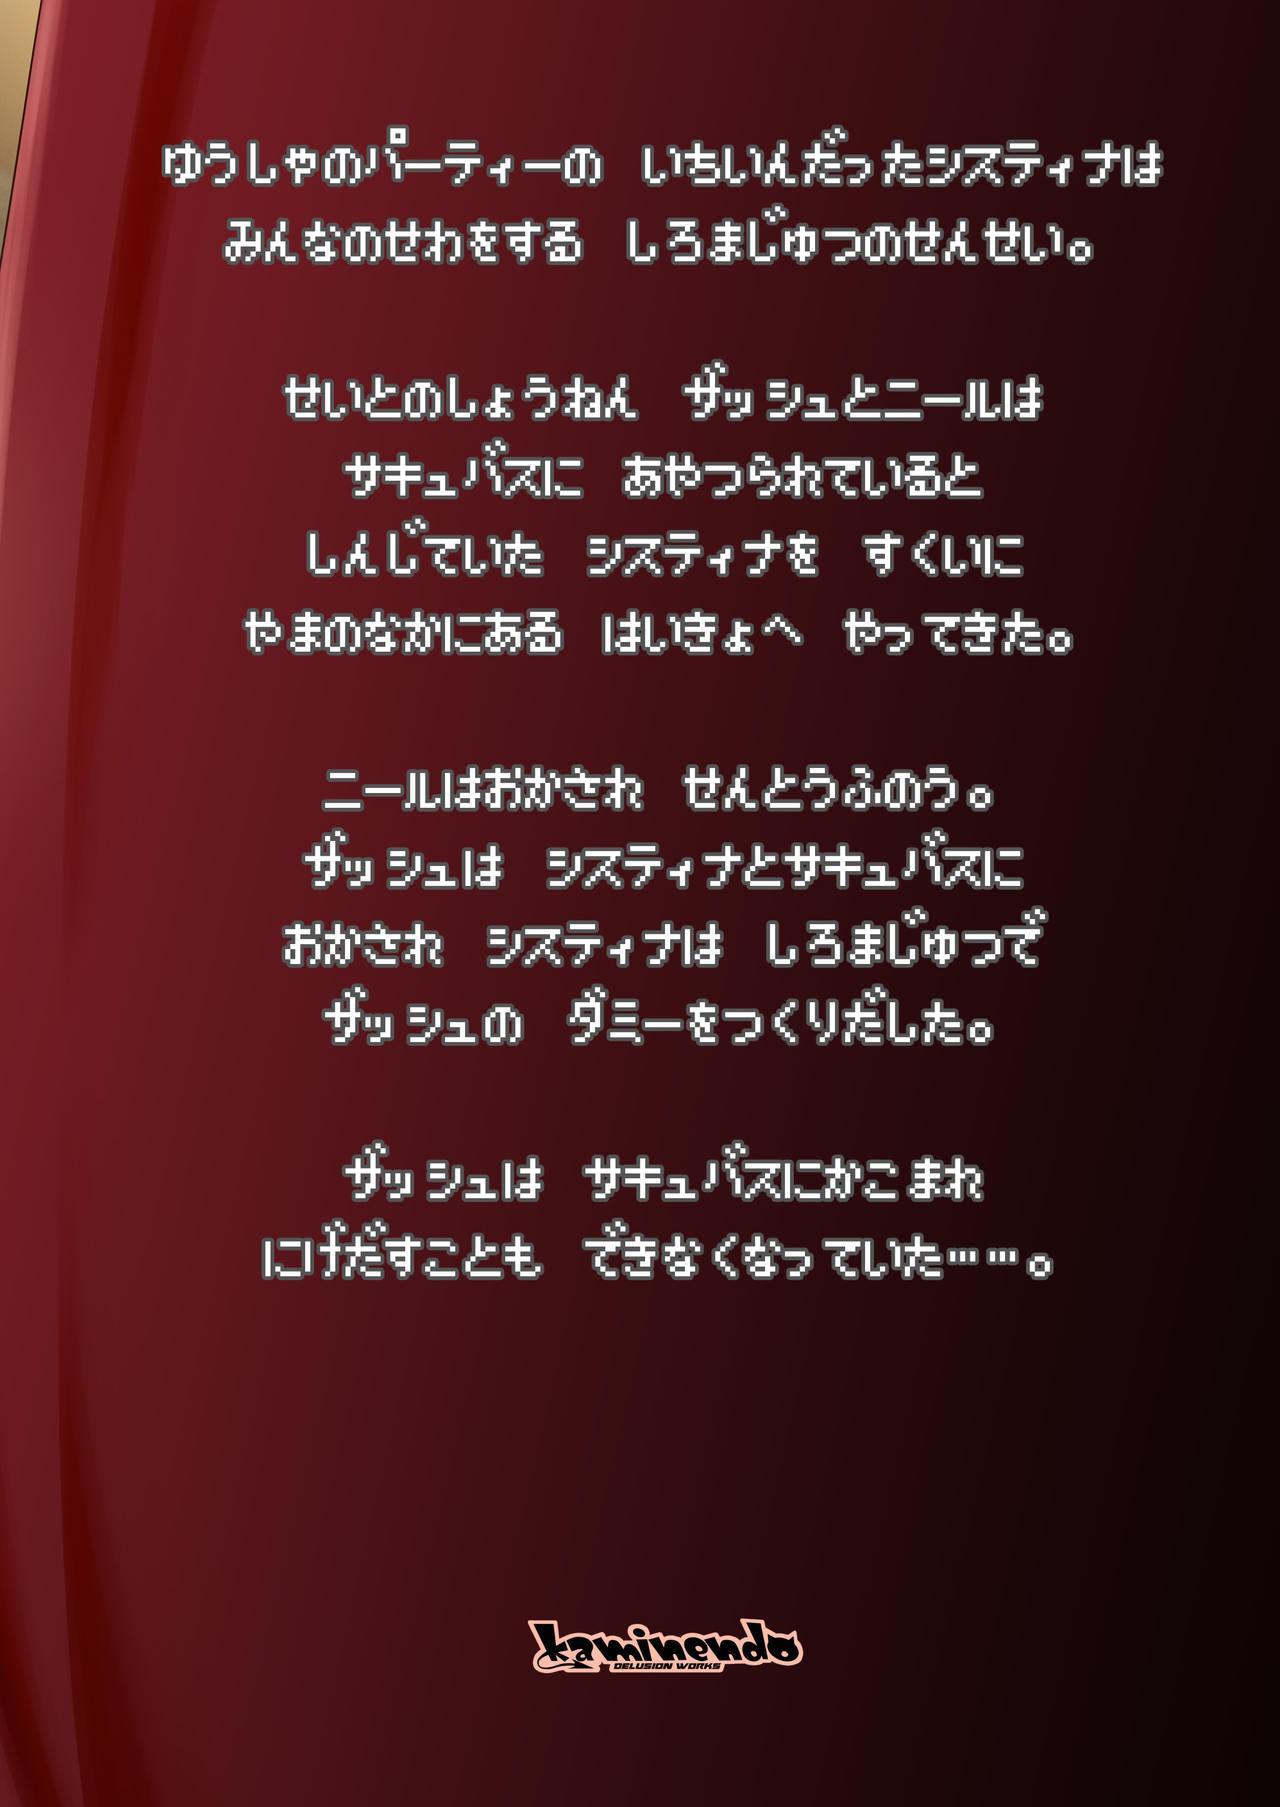 Makotoni Zannen desu ga Bouken no Sho 5 wa Kiete Shimaimashita. 27